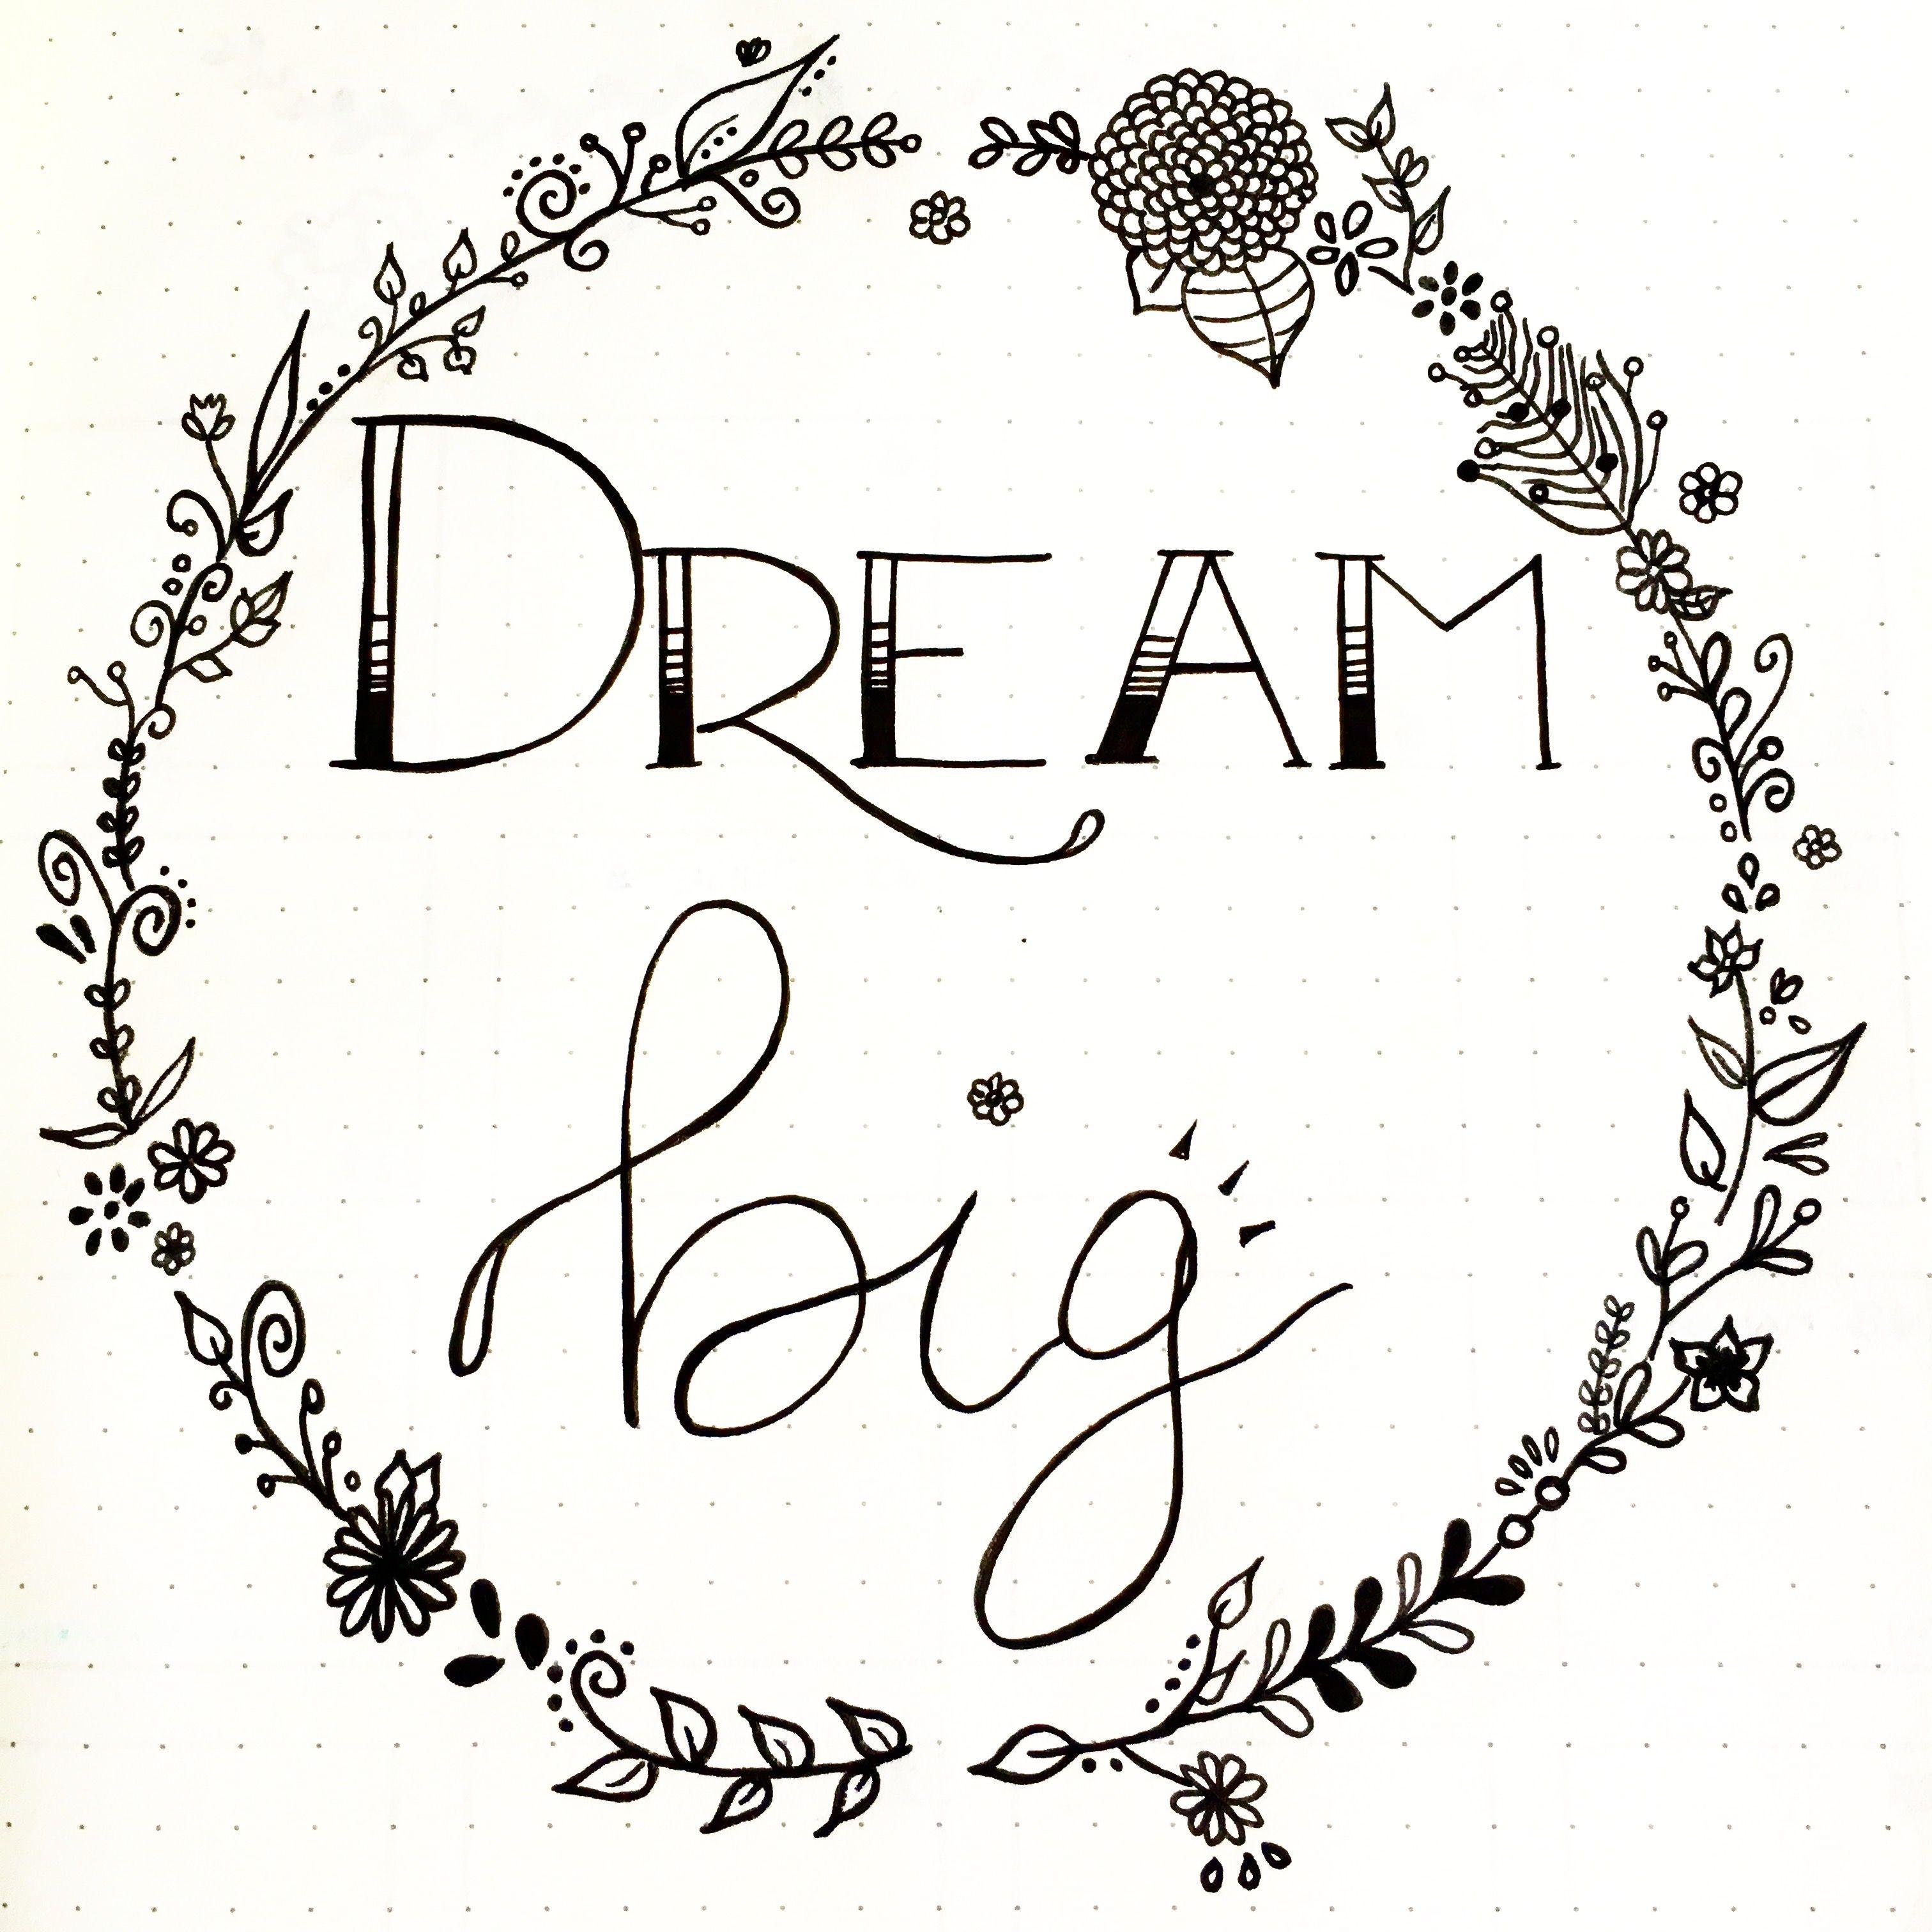 D co et mantra dream big insta lafilleaucarnet for Journal art et decoration